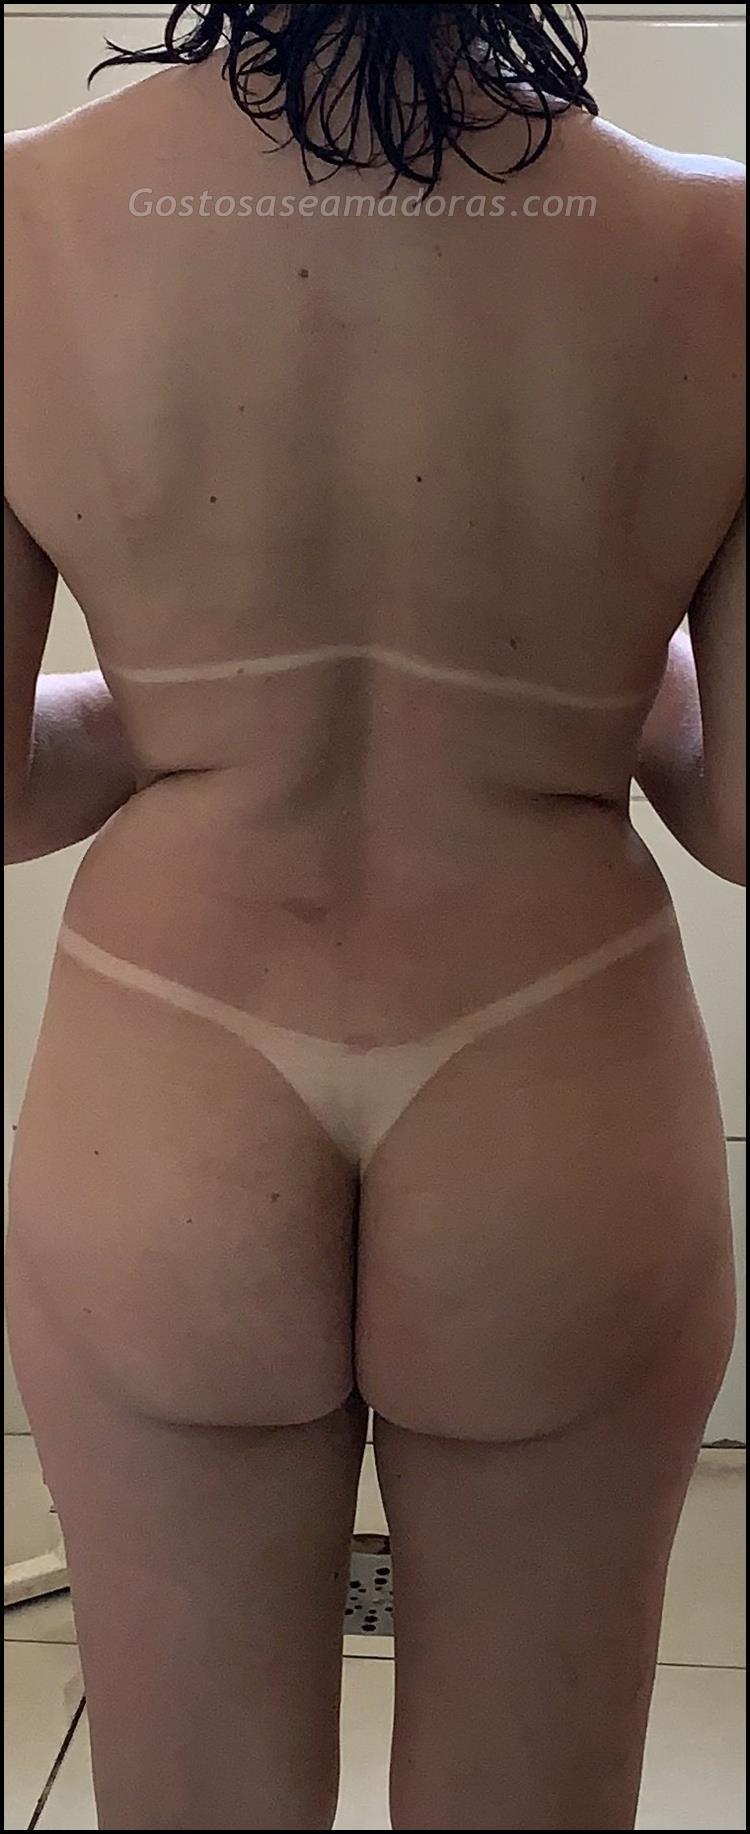 Esposa-alta-e-gostosa-pelada-toda-bronzeada-2